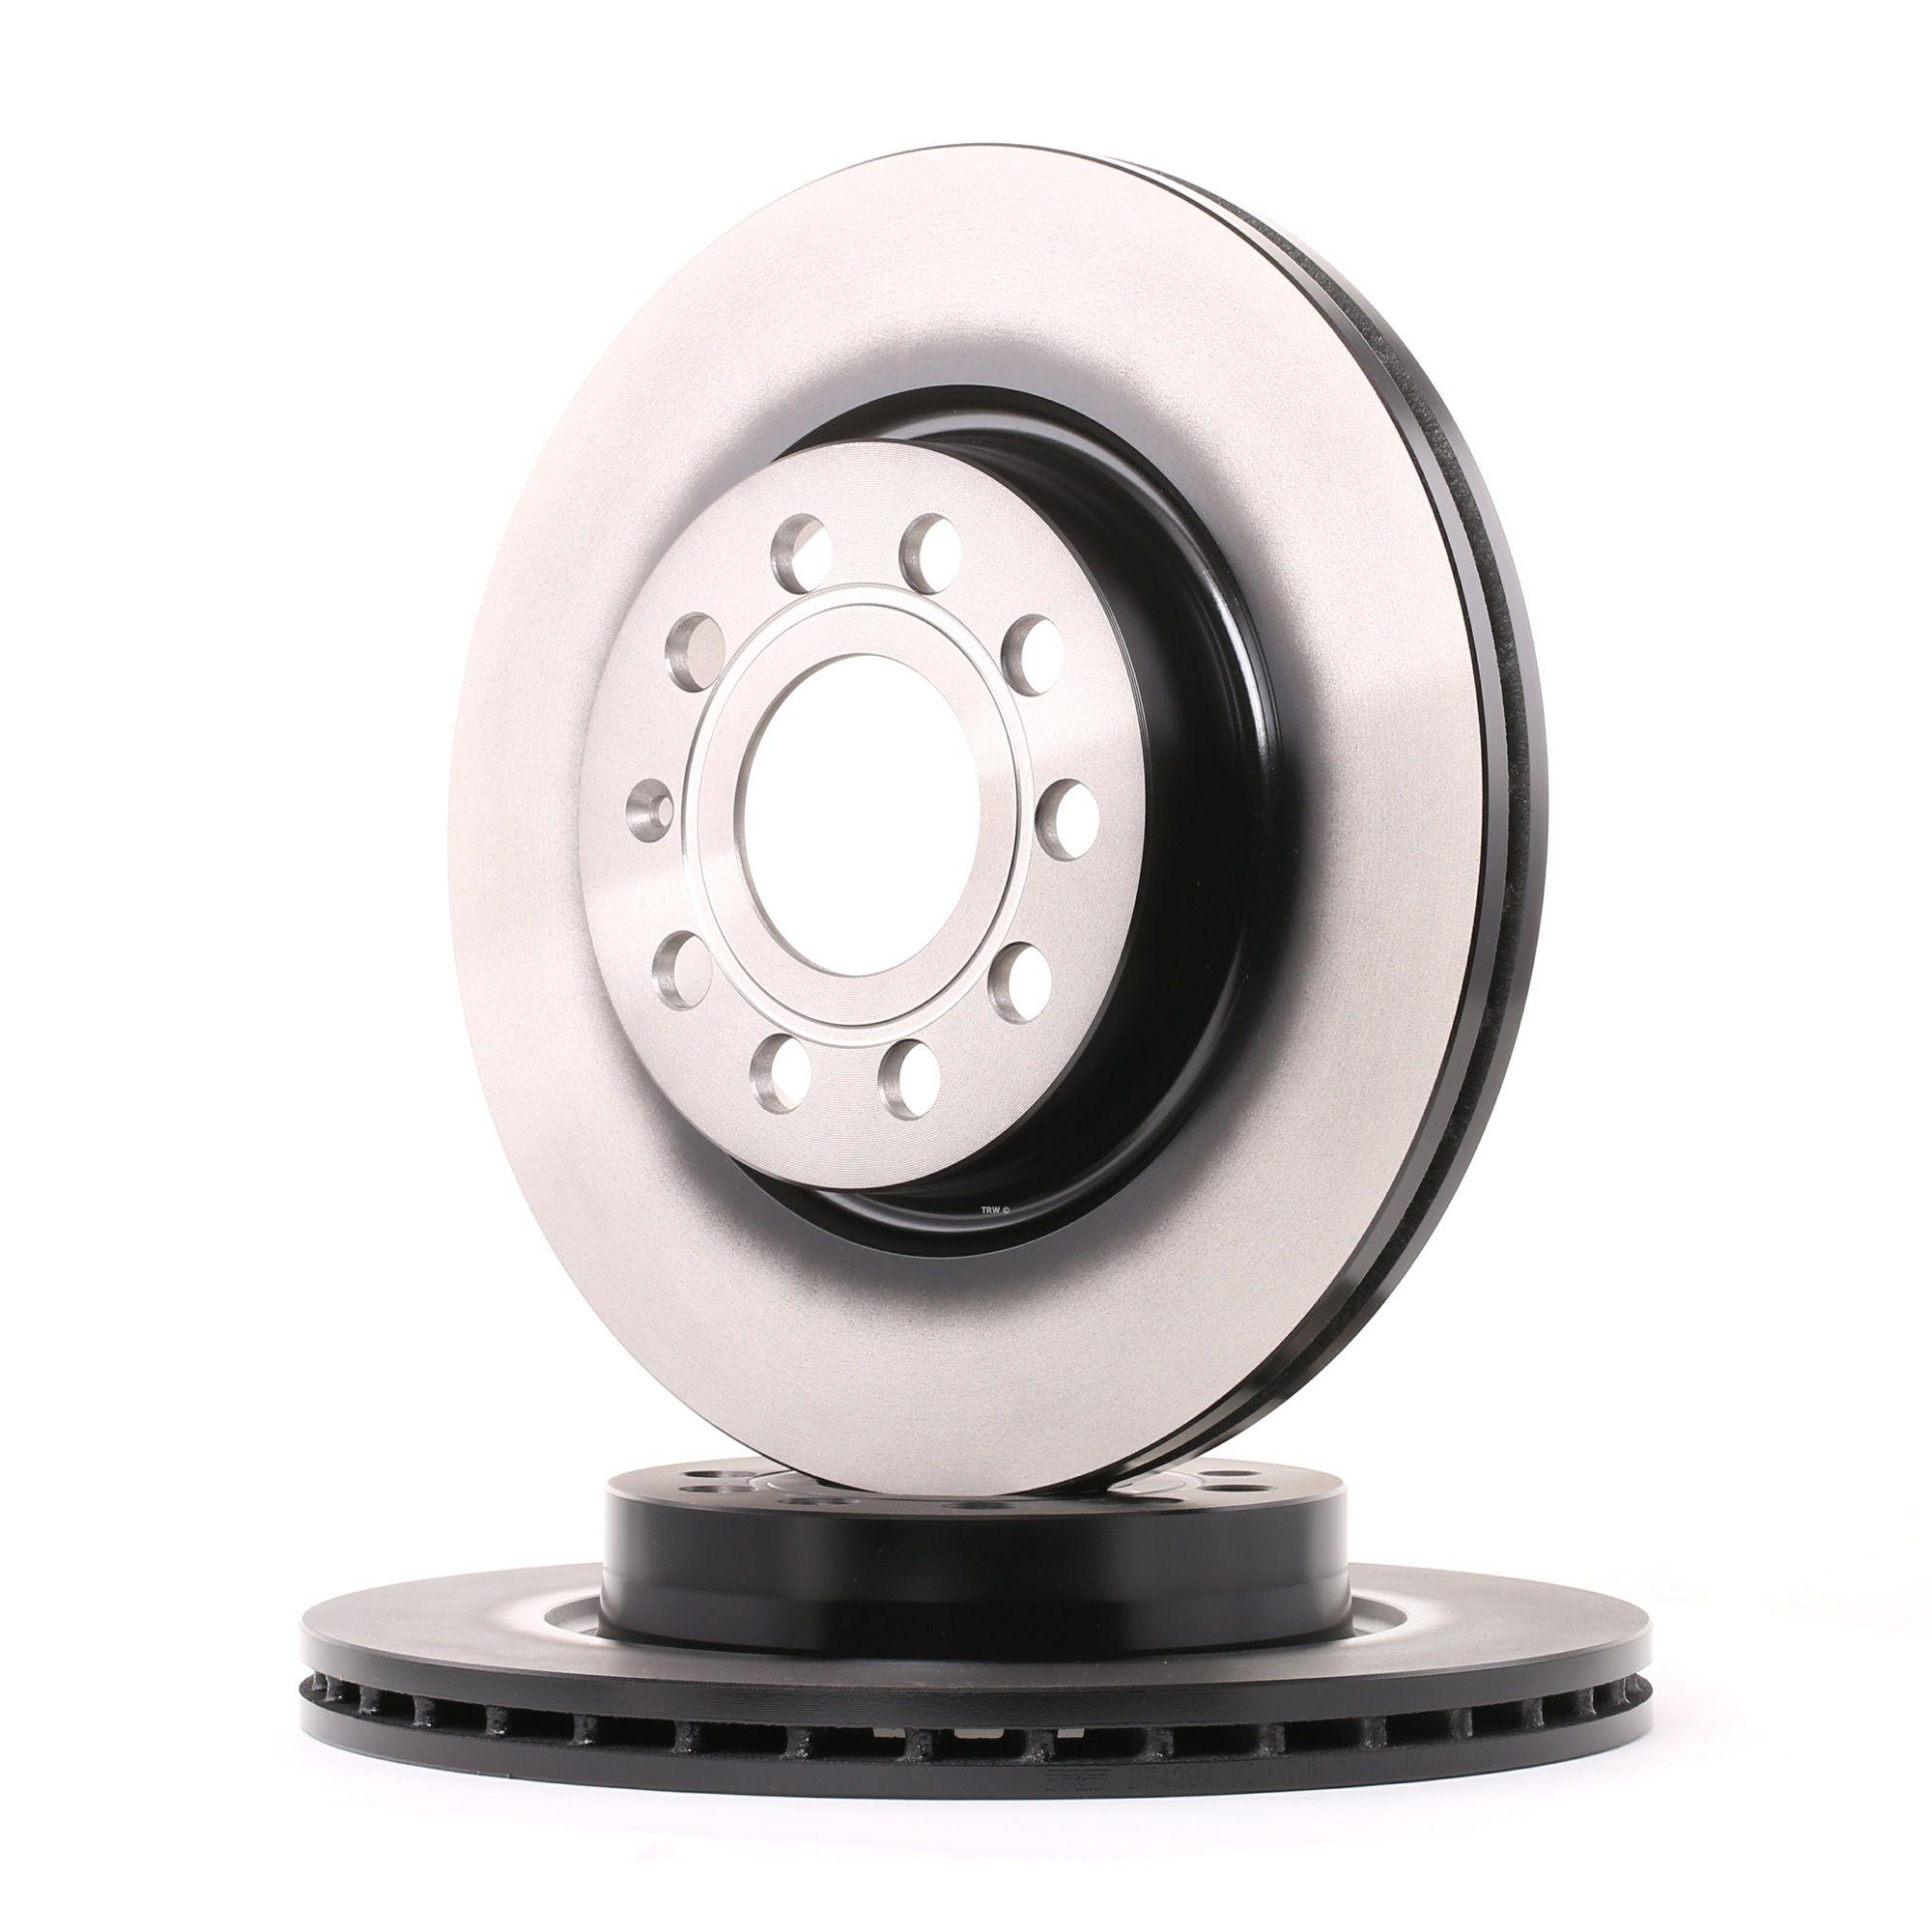 Achetez Disque TRW DF4294 (Ø: 280mm, Nbre de trous: 9, Épaisseur du disque de frein: 22mm) à un rapport qualité-prix exceptionnel